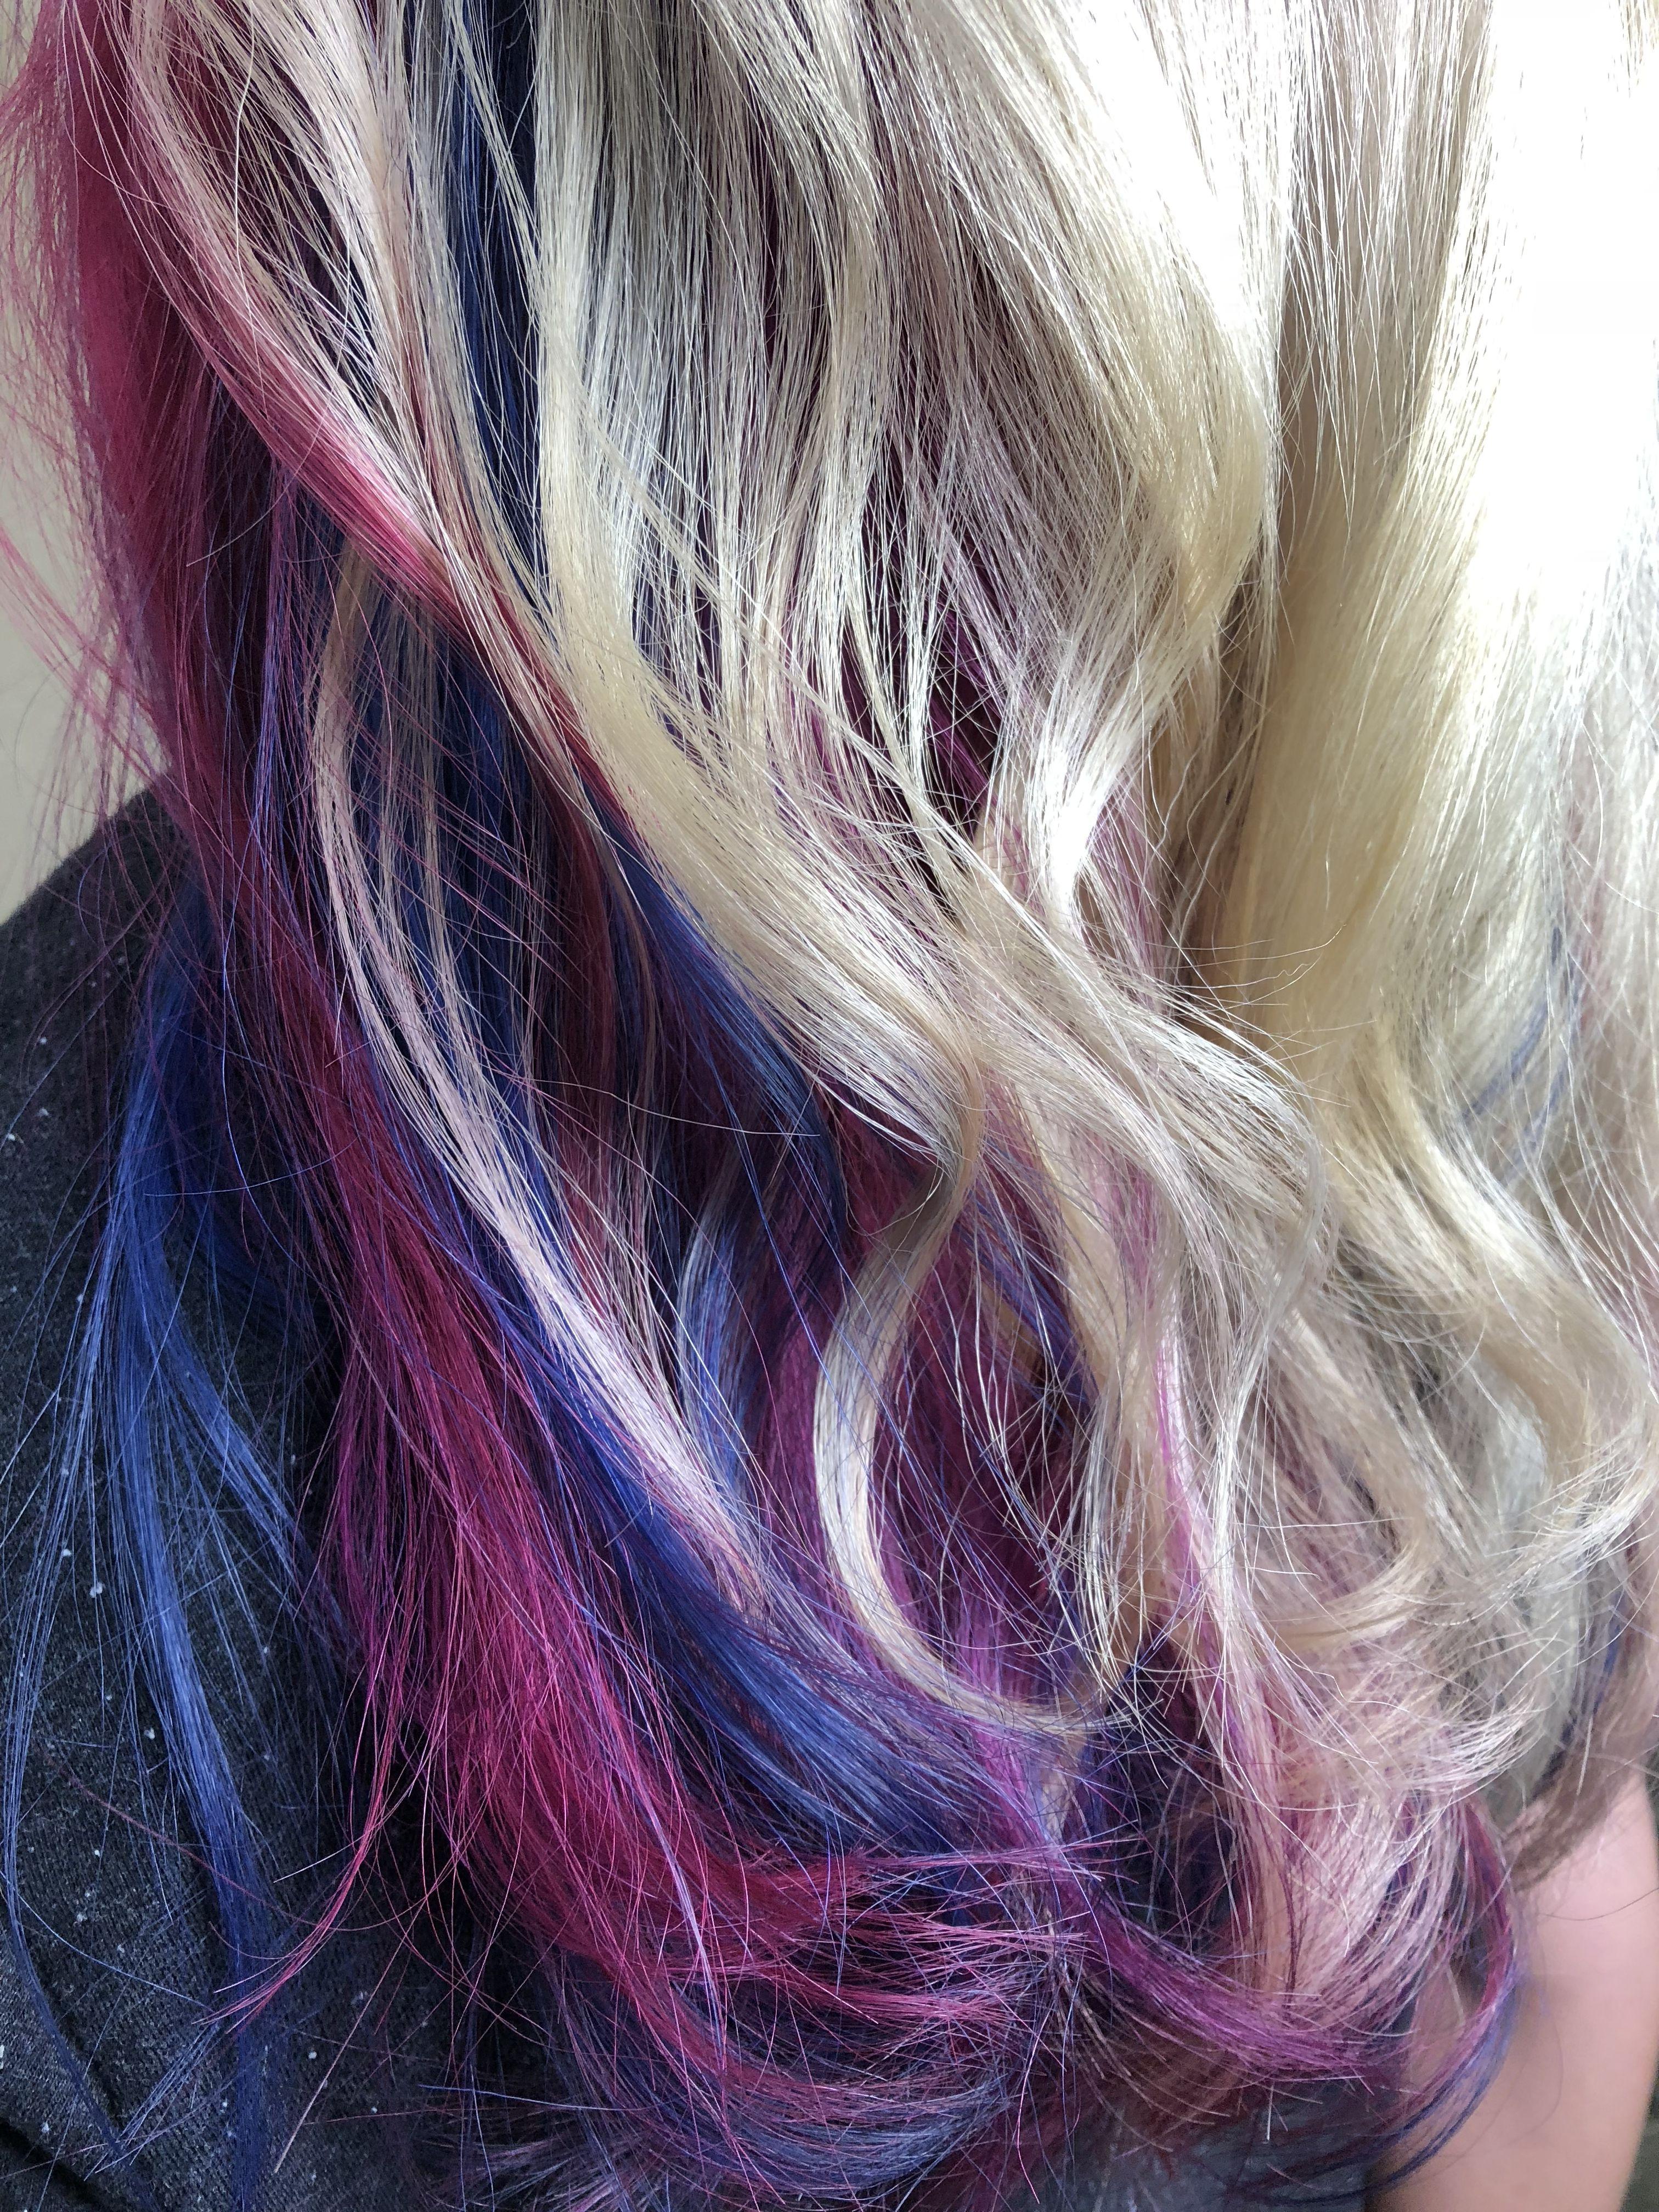 Joico Vero K Pak Color Intensity Calypso Colors Celestial Mystique Shade Chart Hair Dye Colors Joico Color Hair Color